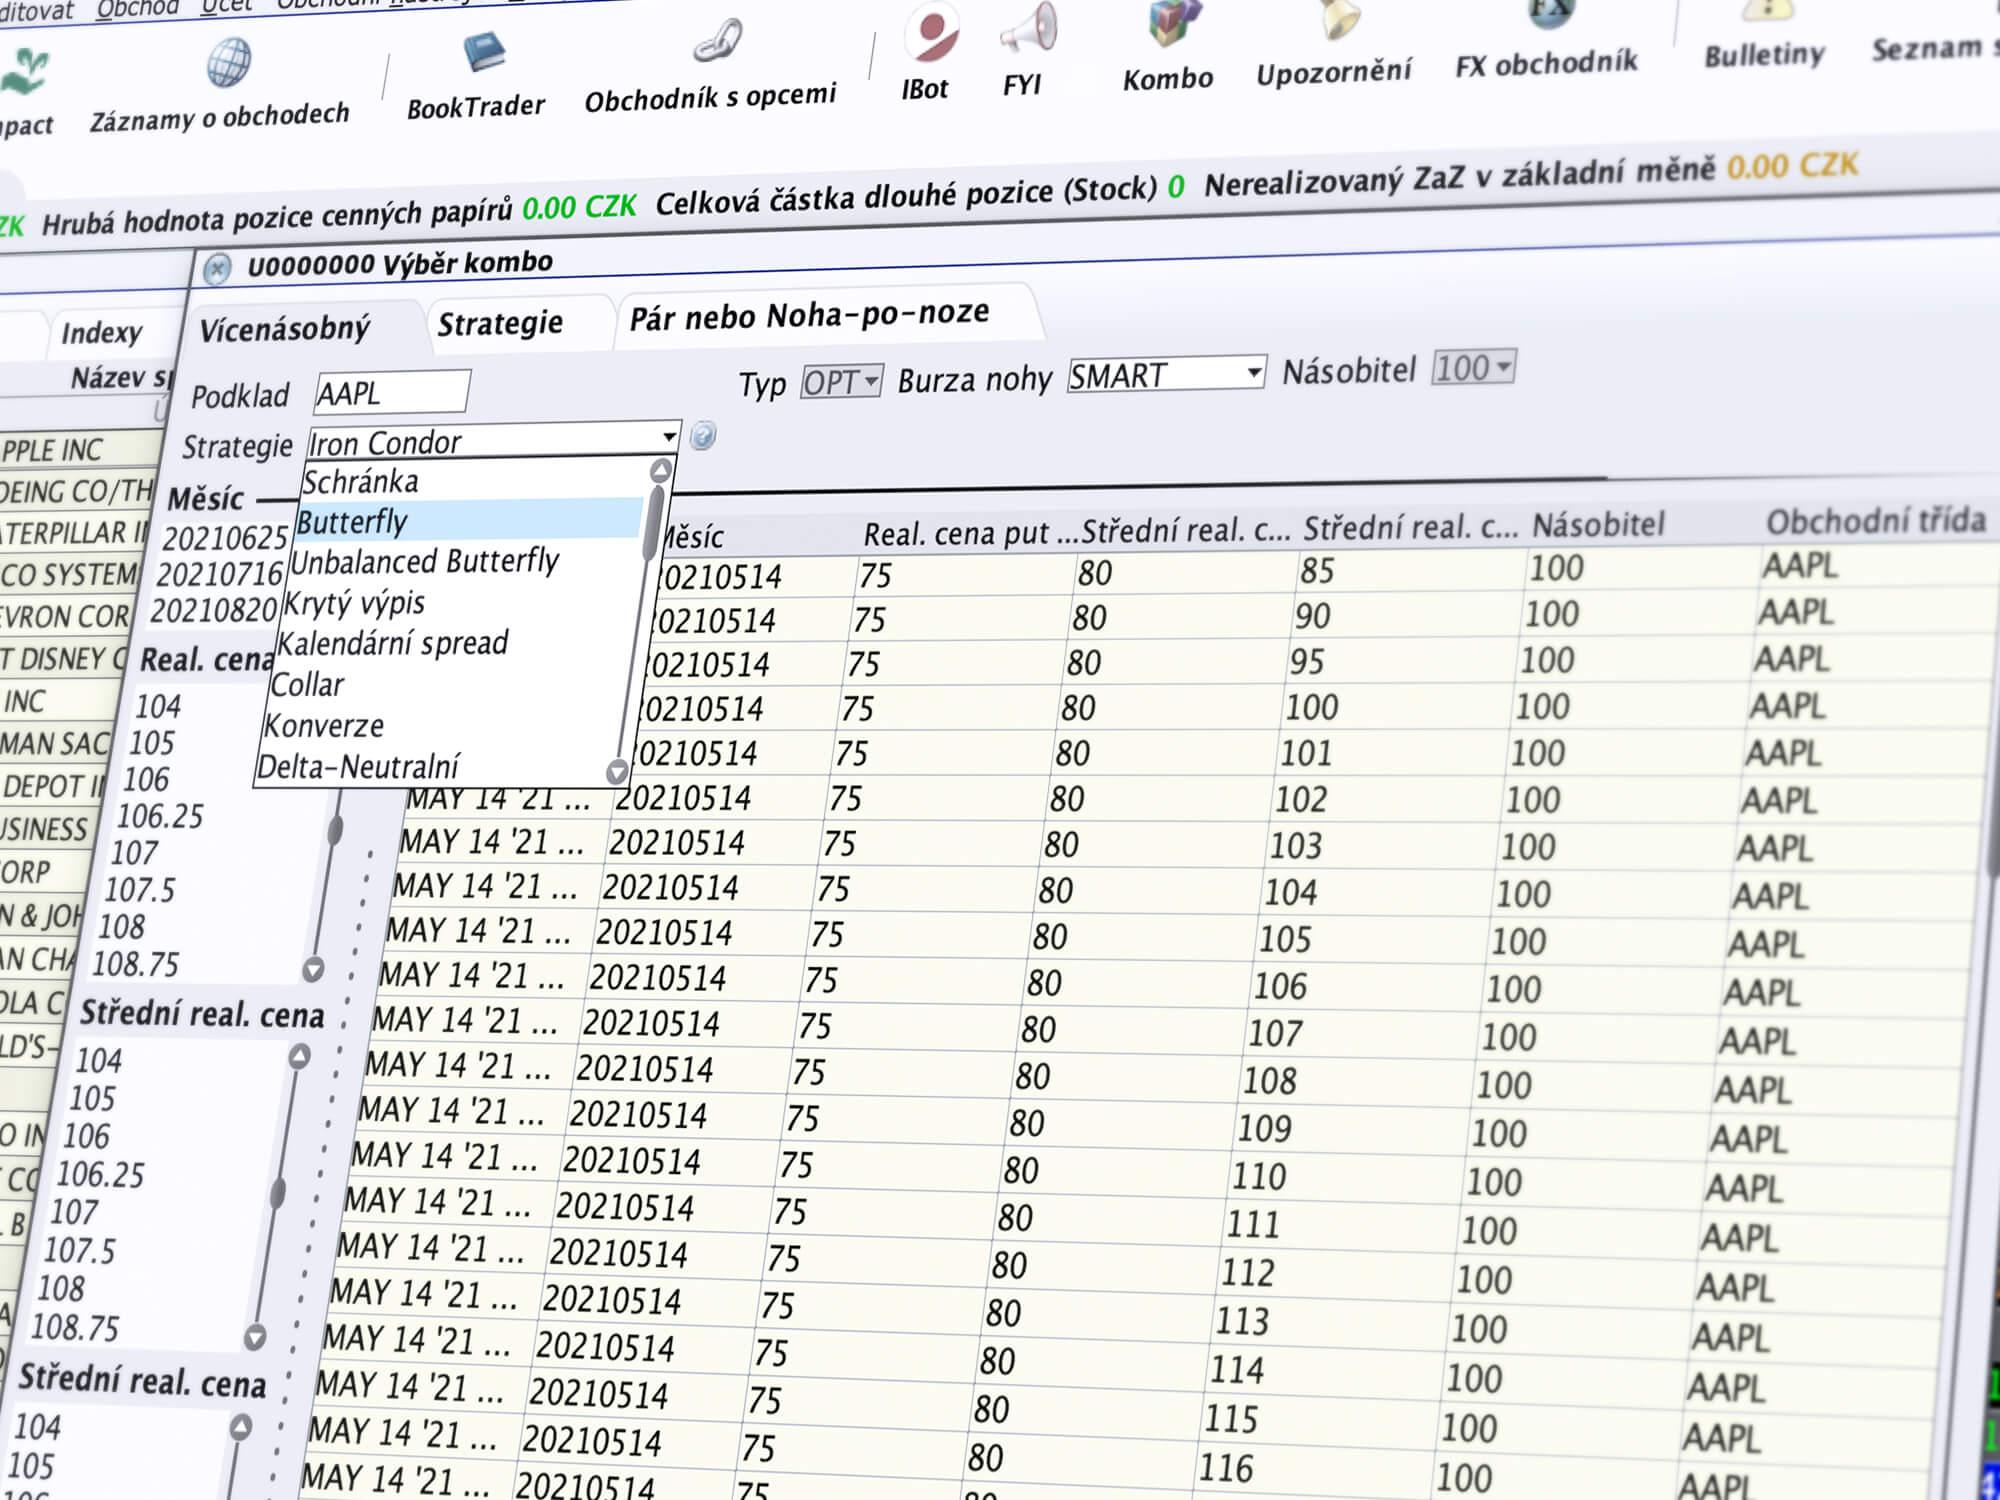 Obchodní nástroj ComboTrader pro zadávání kombinovaných obchodních příkazů